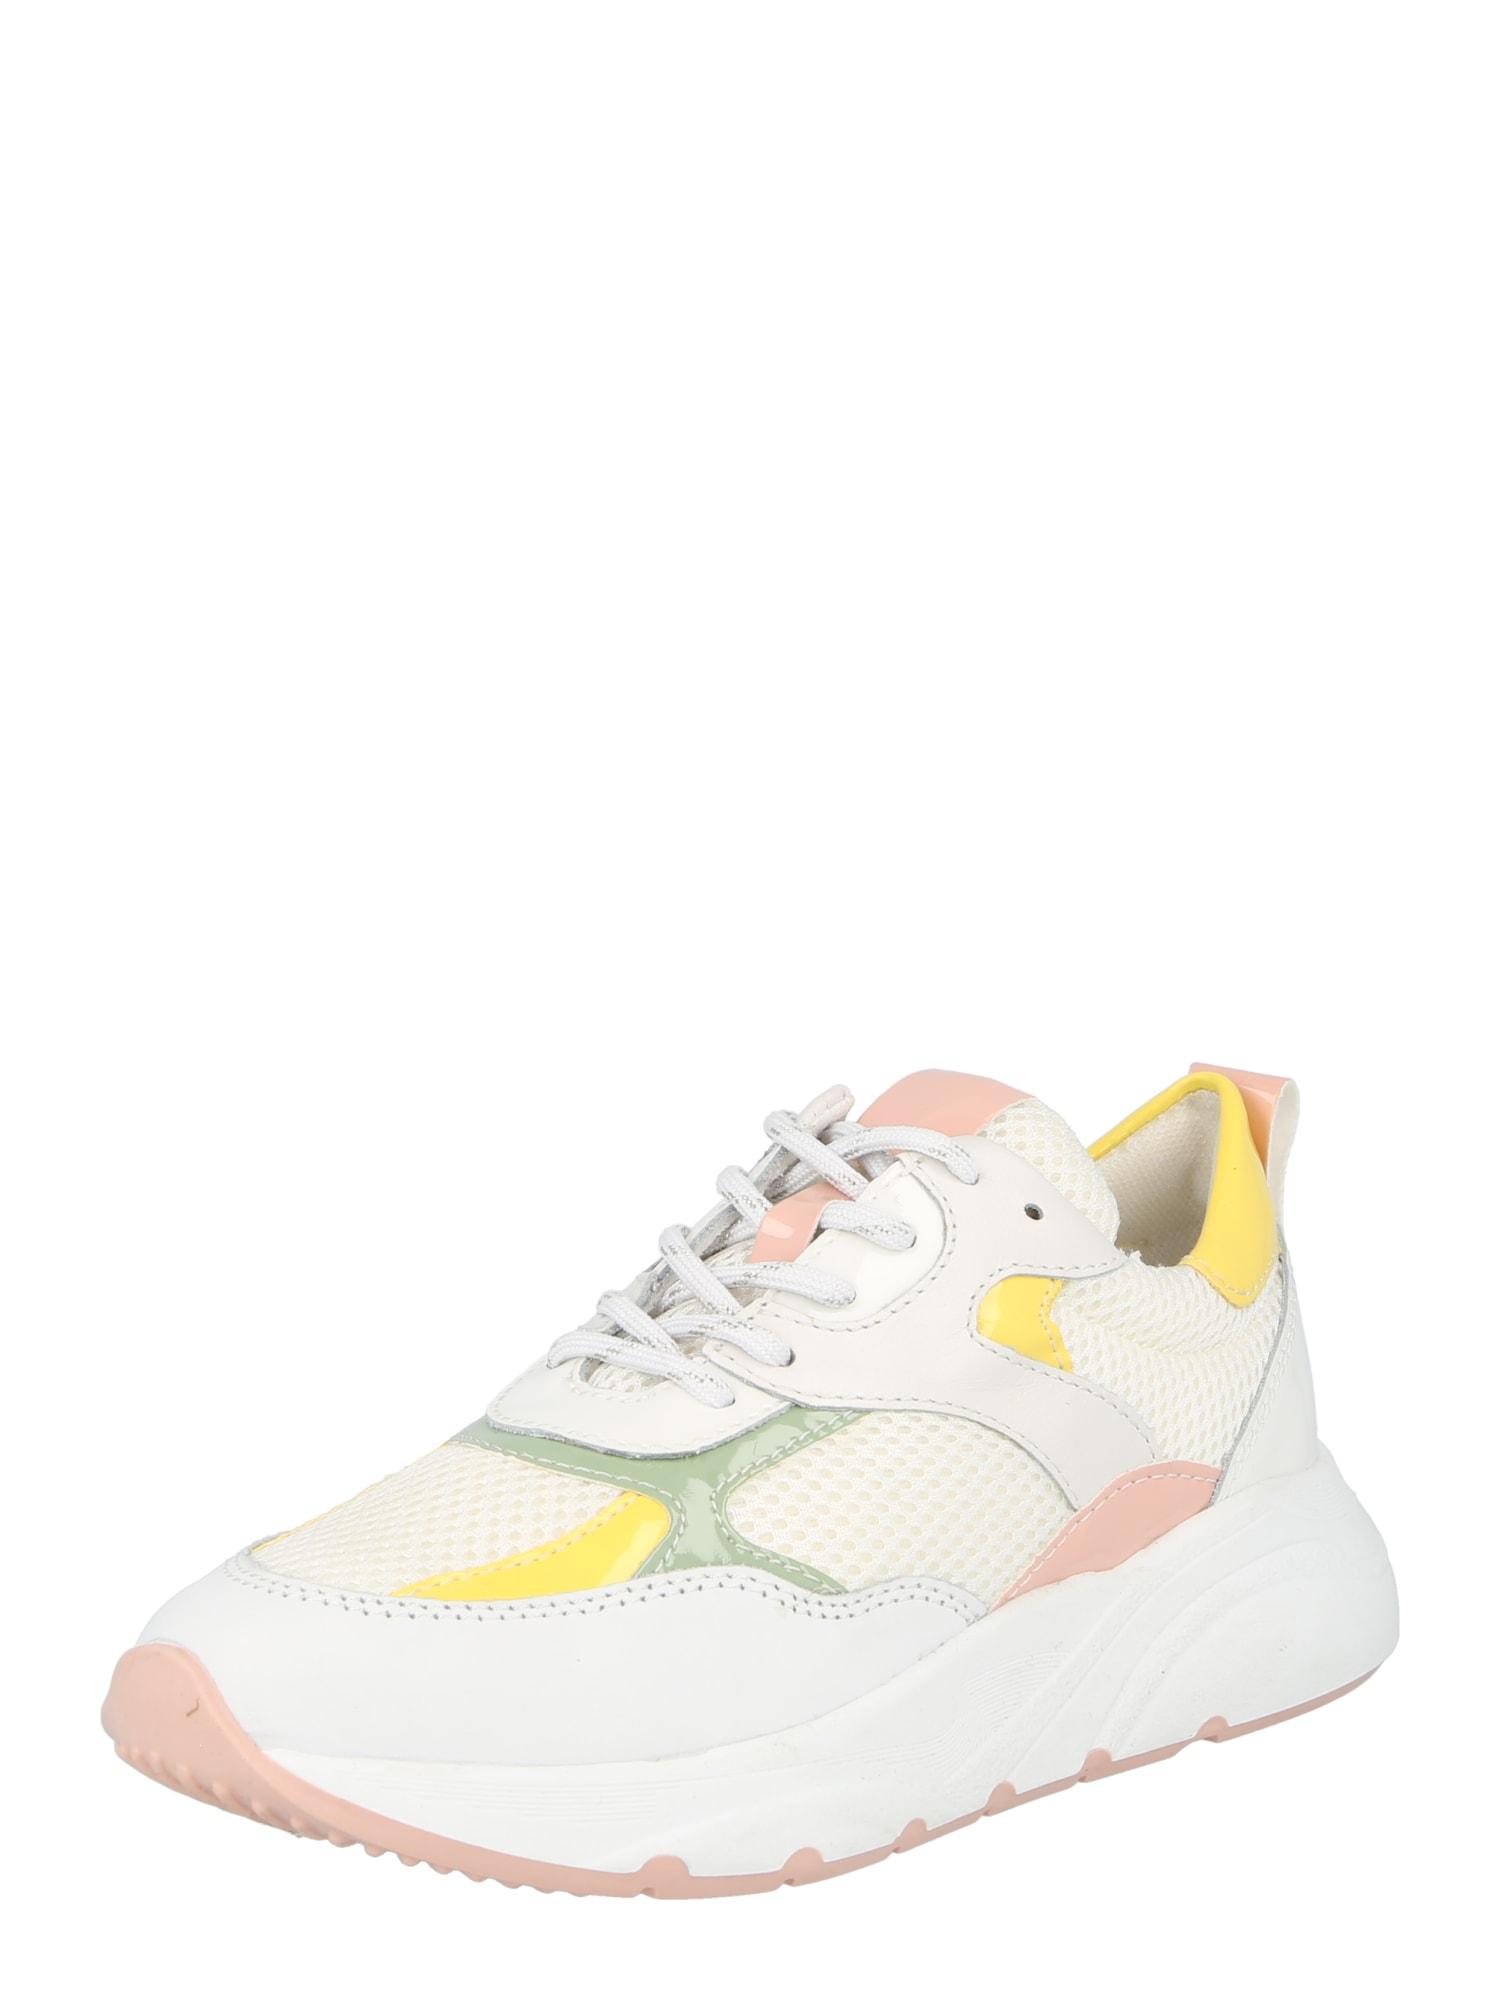 PS Poelman Sportbačiai be auliuko pastelinė geltona / geltona / ryškiai rožinė spalva / pastelinė žalia